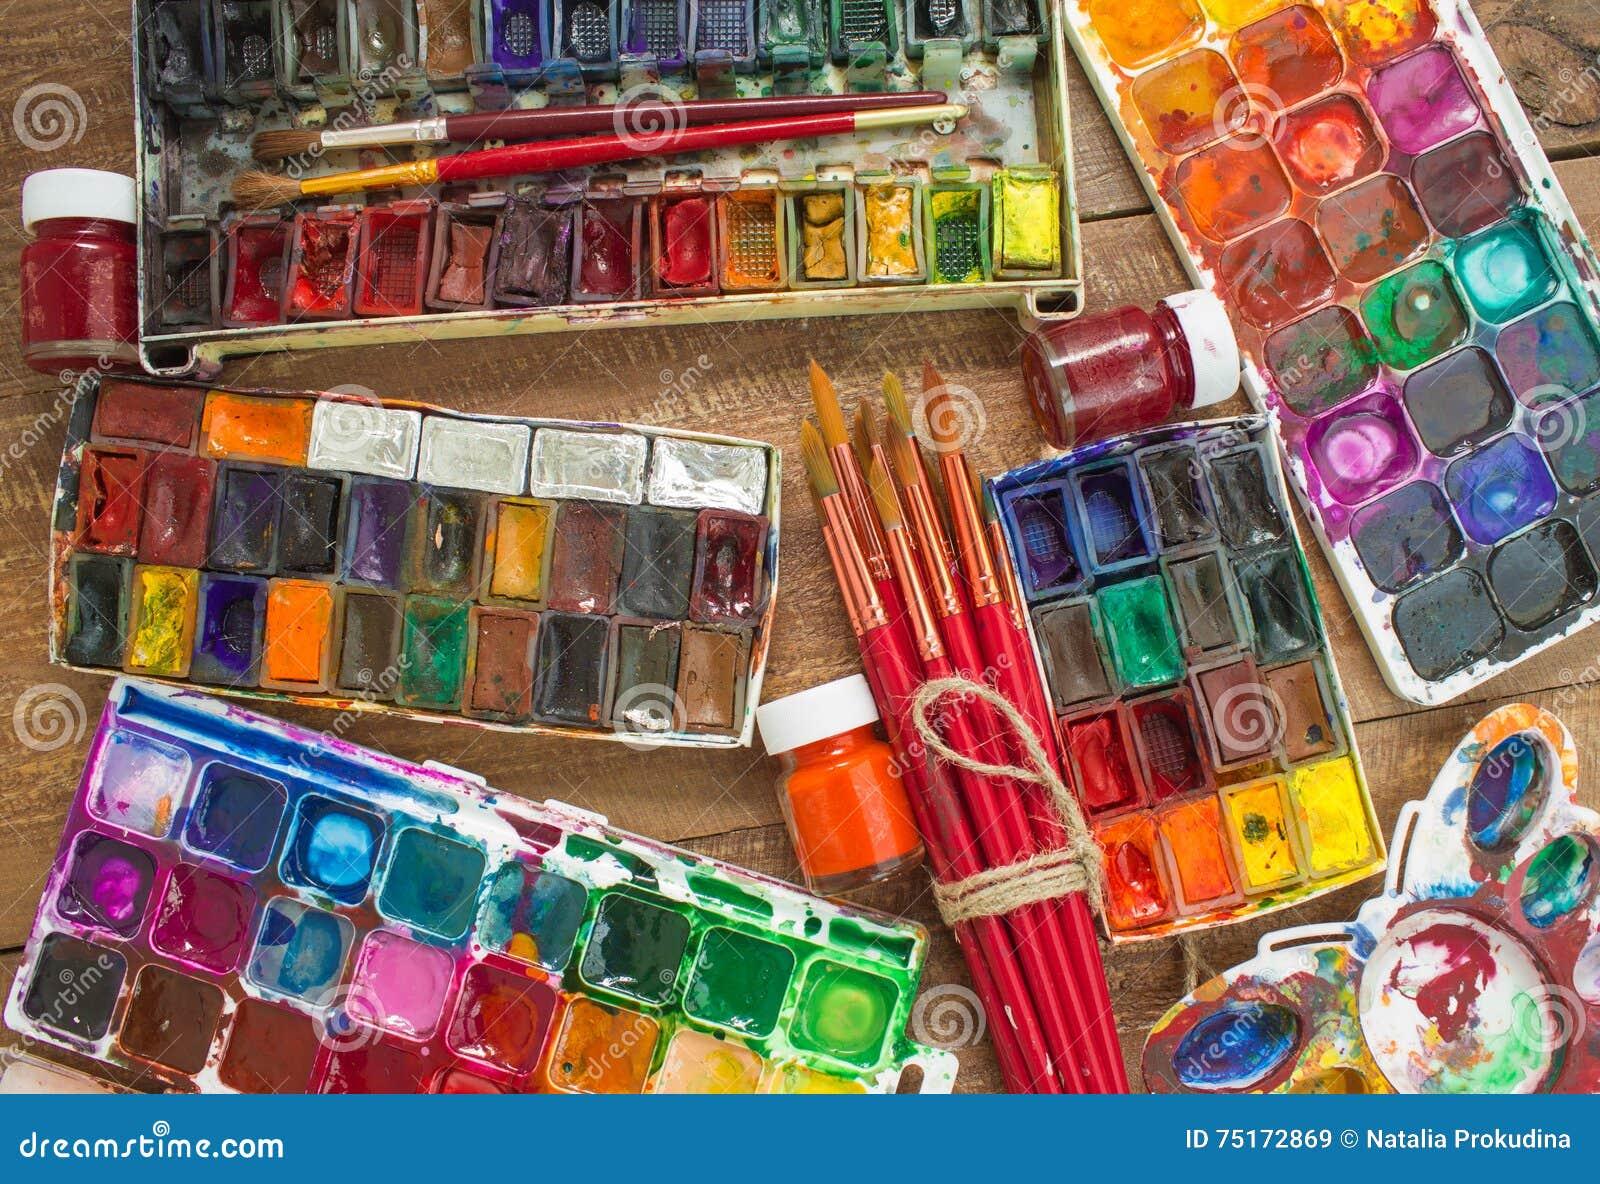 Peintures Brosses Et Palette D Aquarelle Sur Un Fond En Bois Image